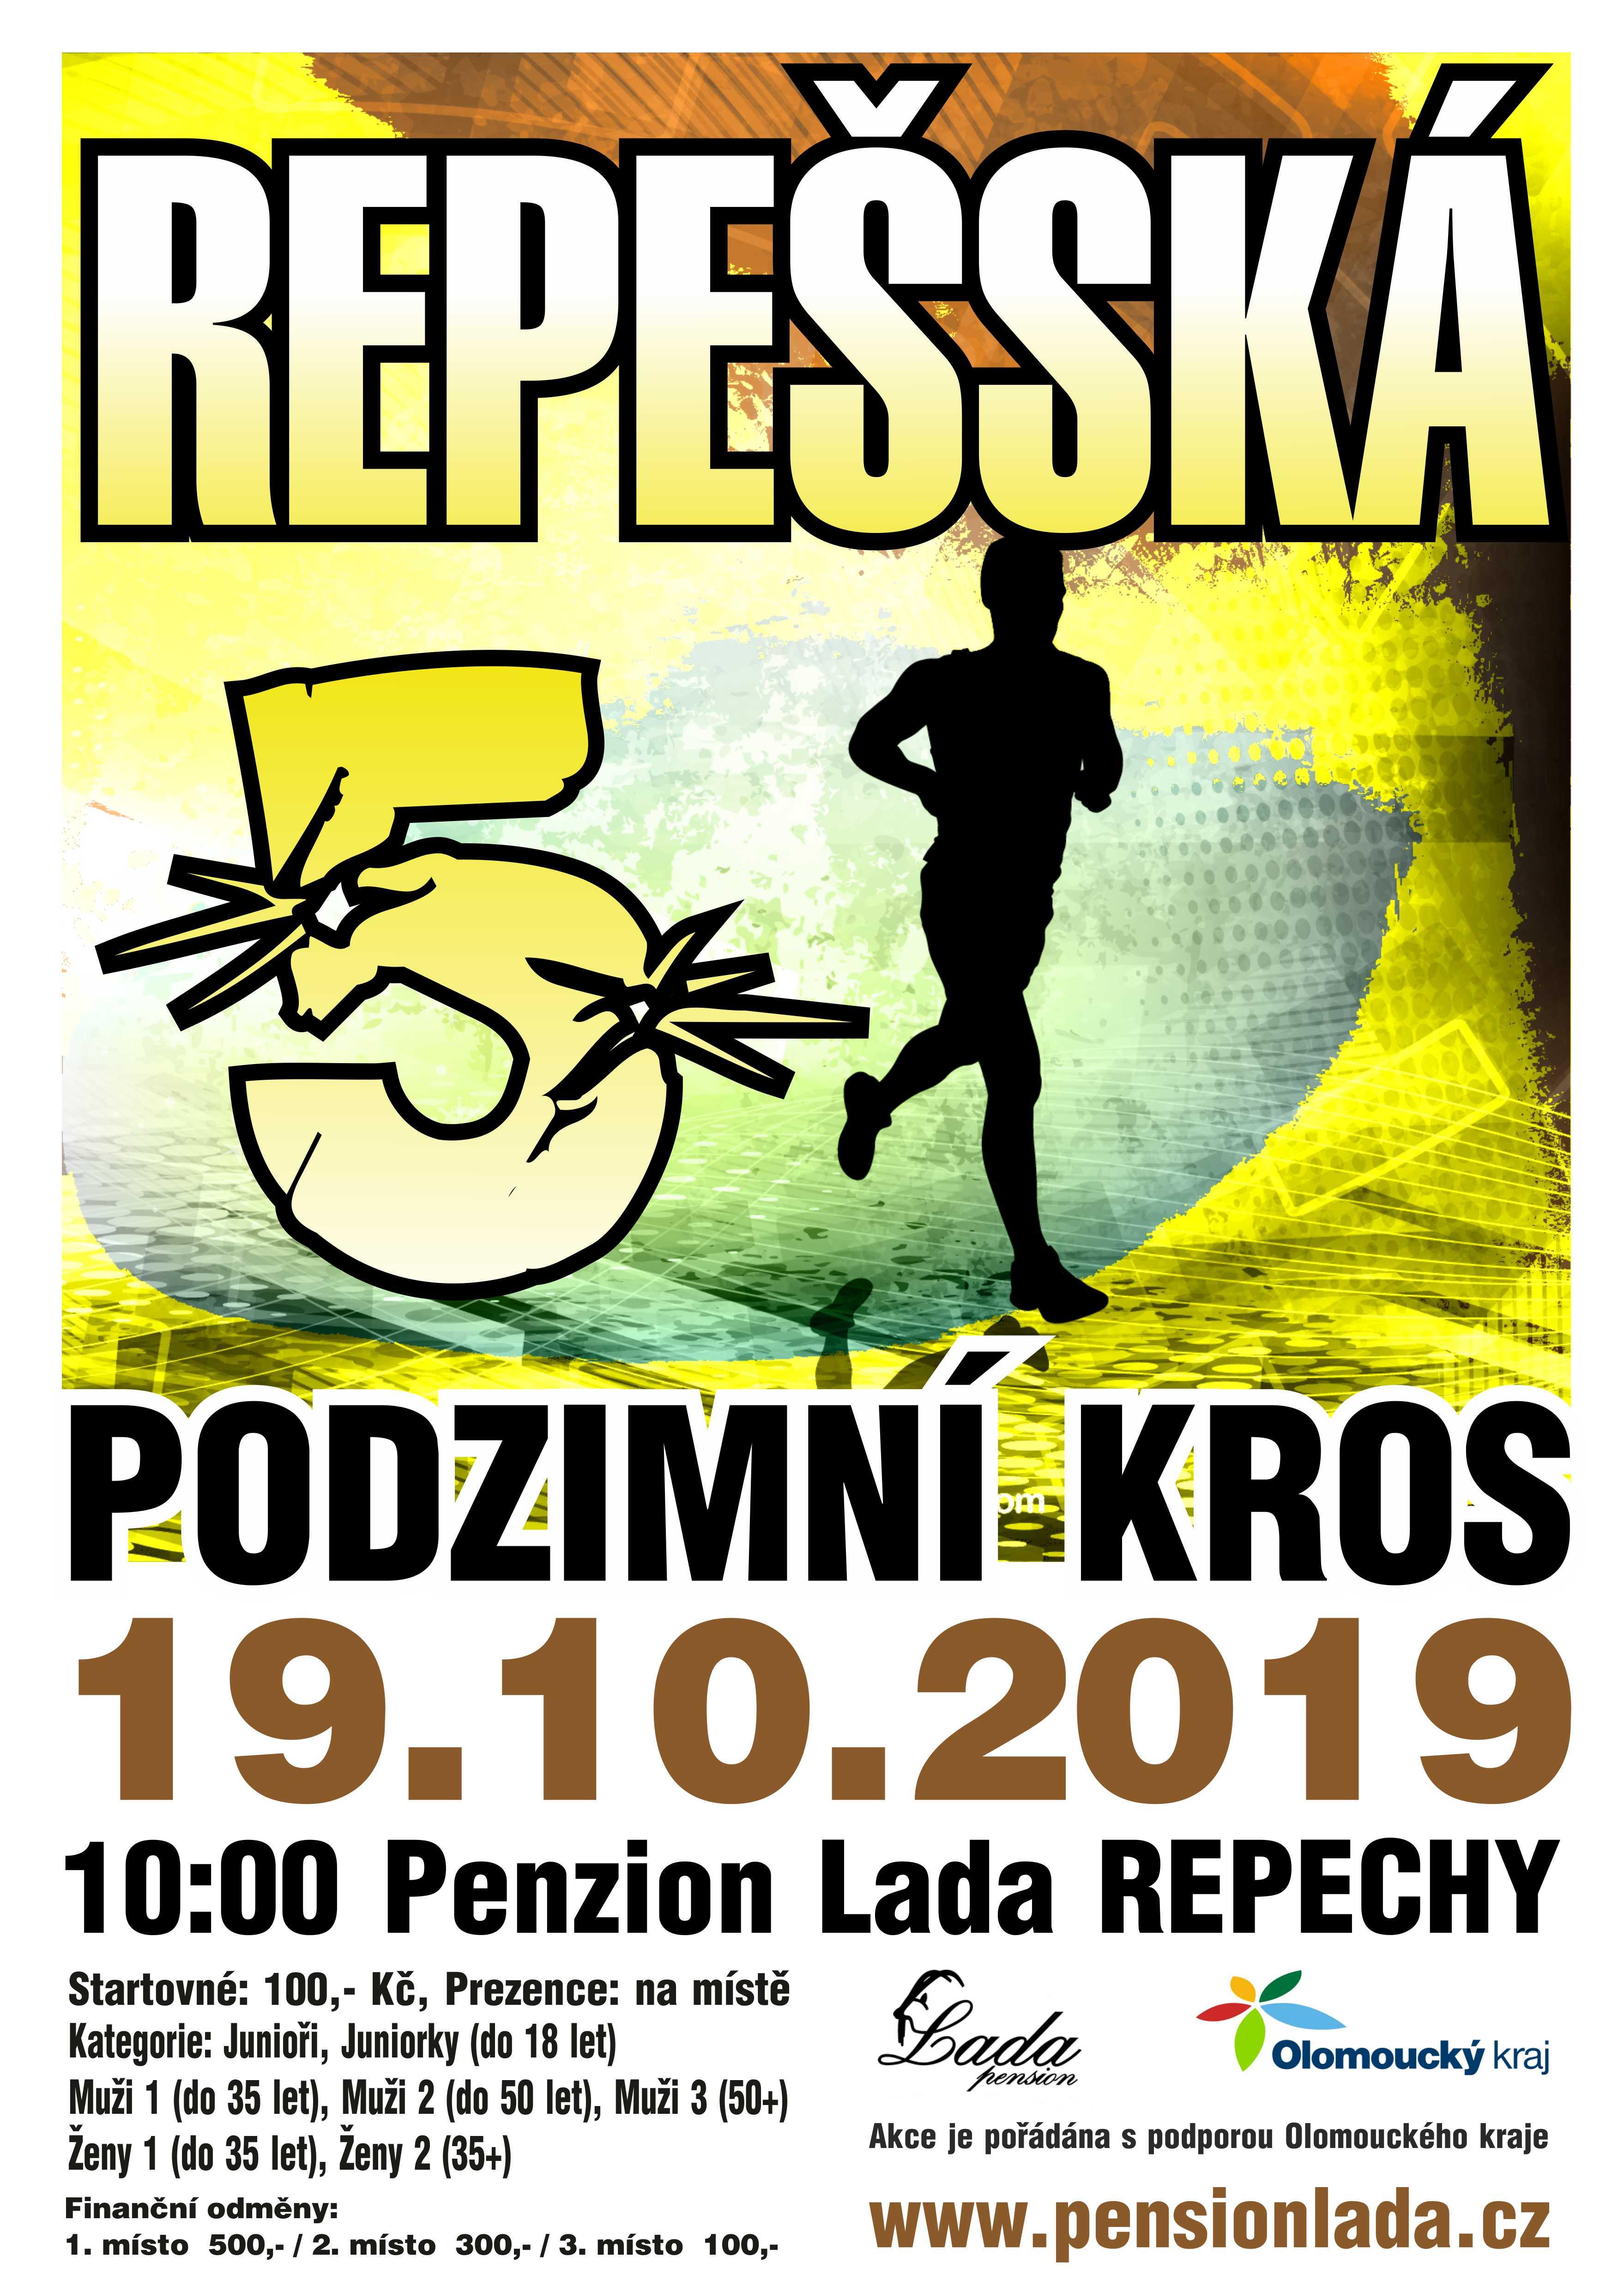 A3_repesska5_2019